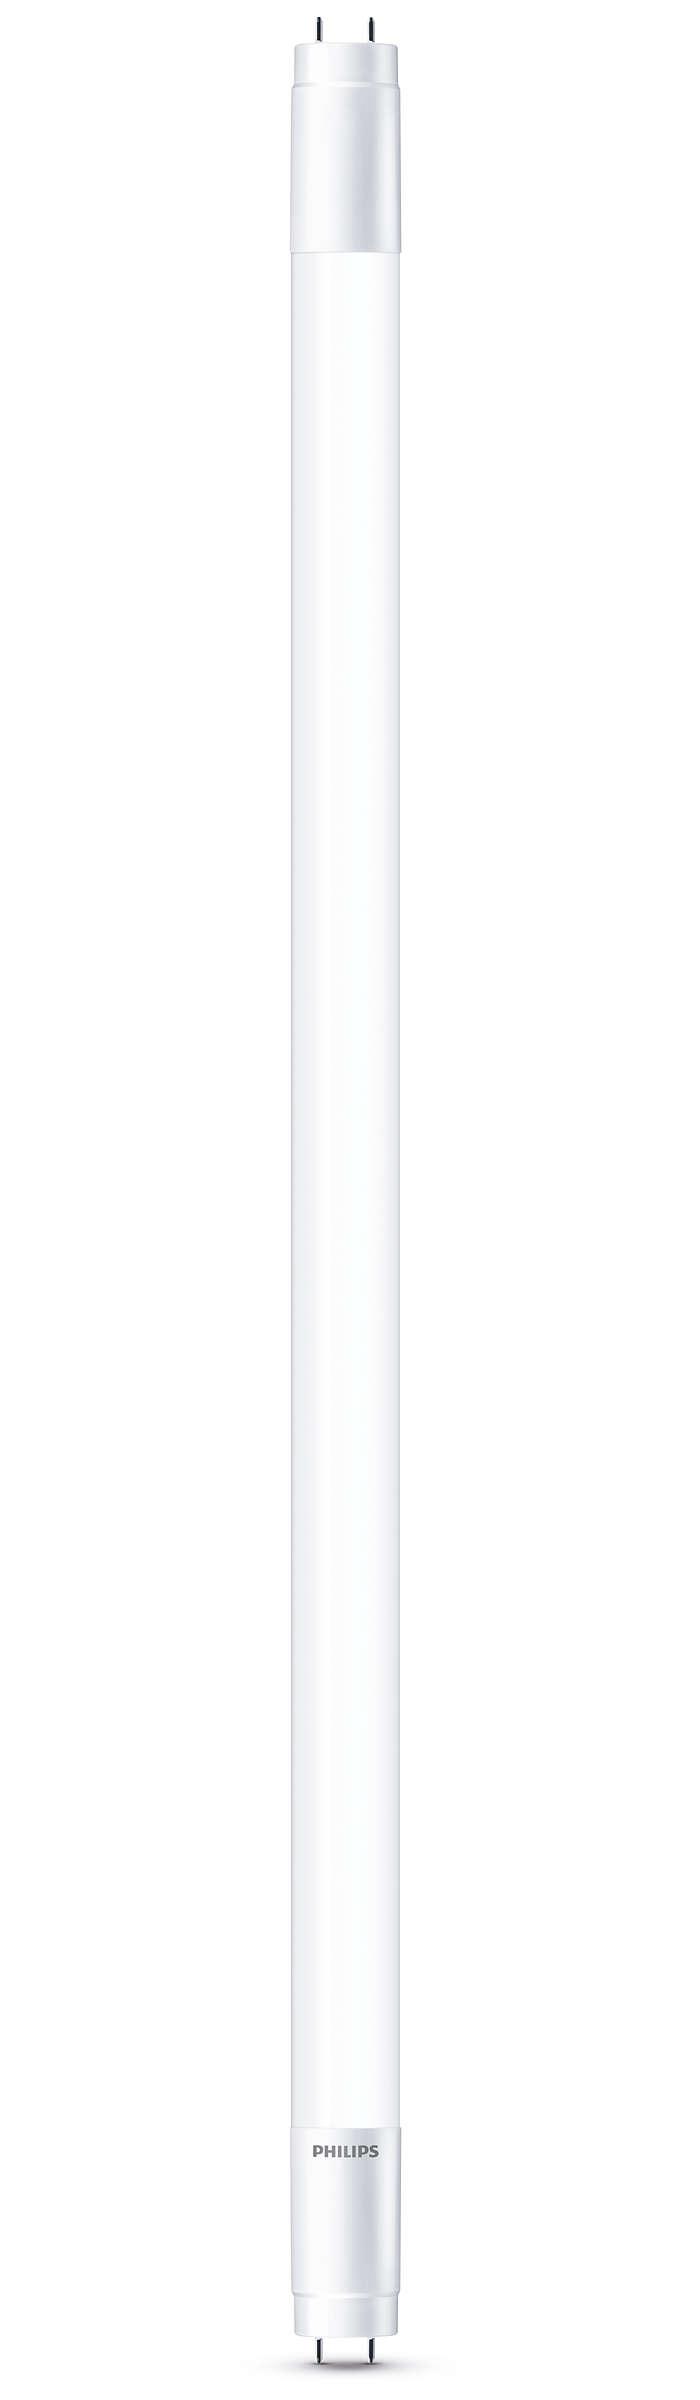 Iluminación LED duradera para tareas visuales, alta calidad